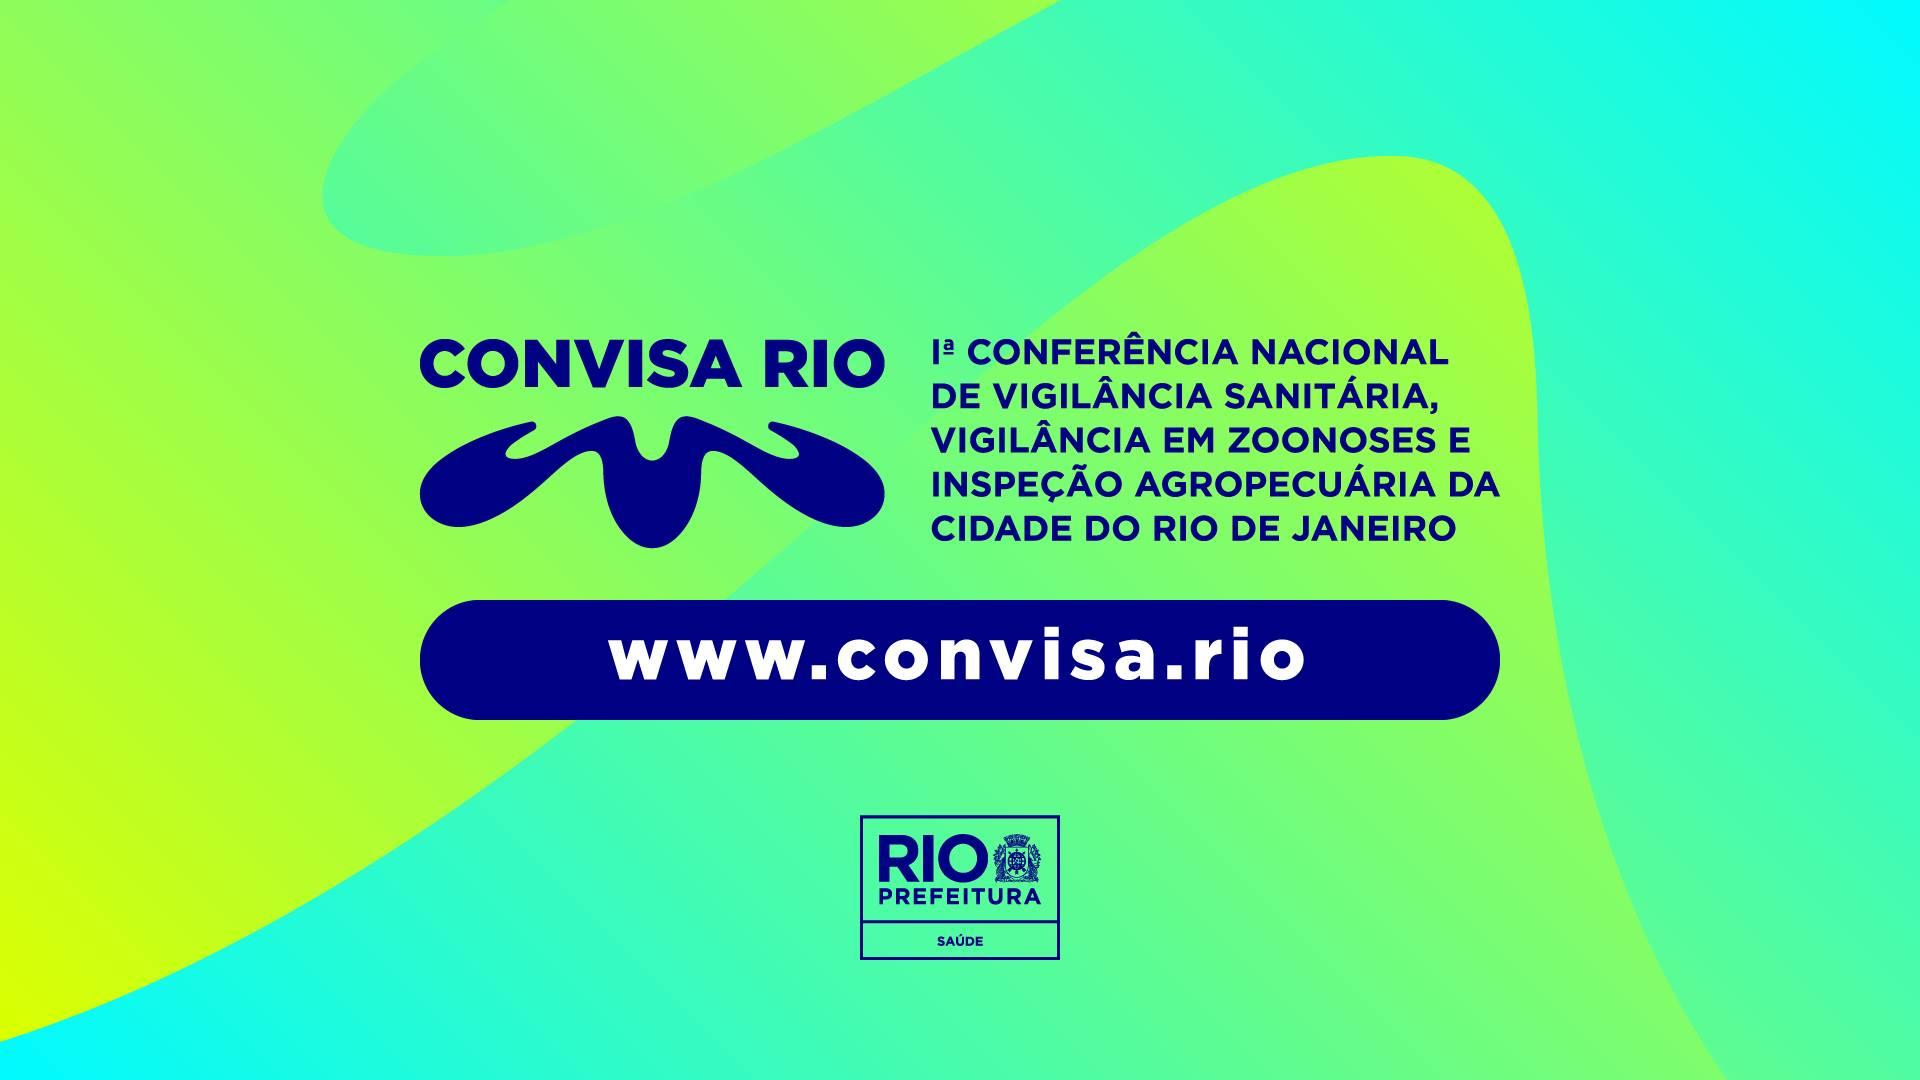 1ª Conferência da Vigilância Sanitária - Convisa Rio, acontece em agosto